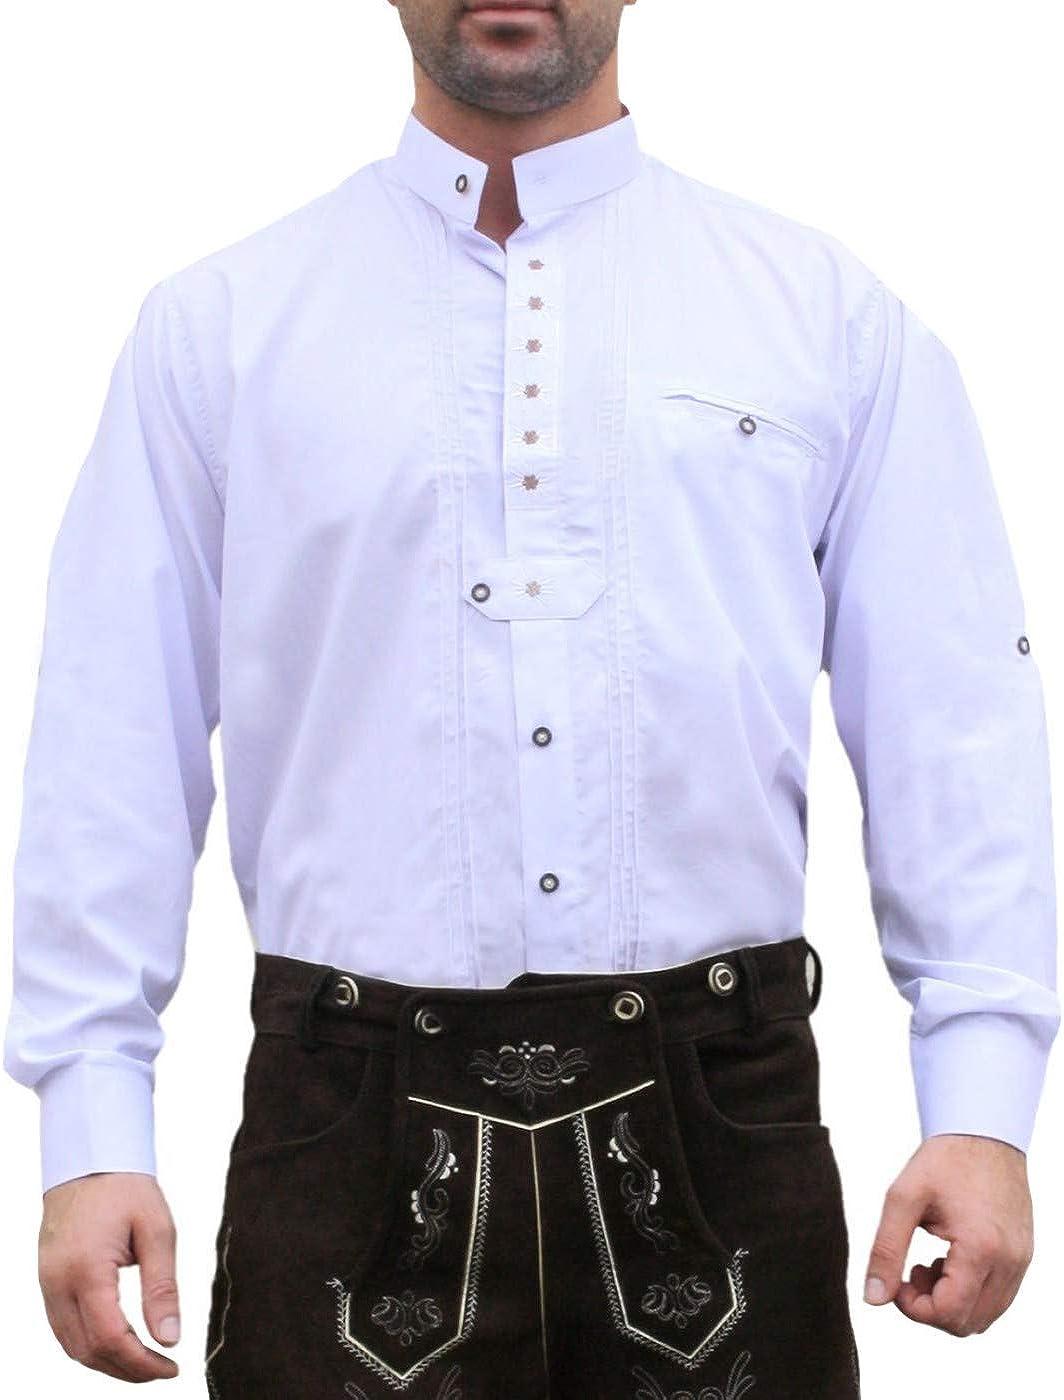 Trachtenhemd, trajes camisa para Lederhosen trajes de algodón bordado Edelweiss Blanca: Amazon.es: Ropa y accesorios